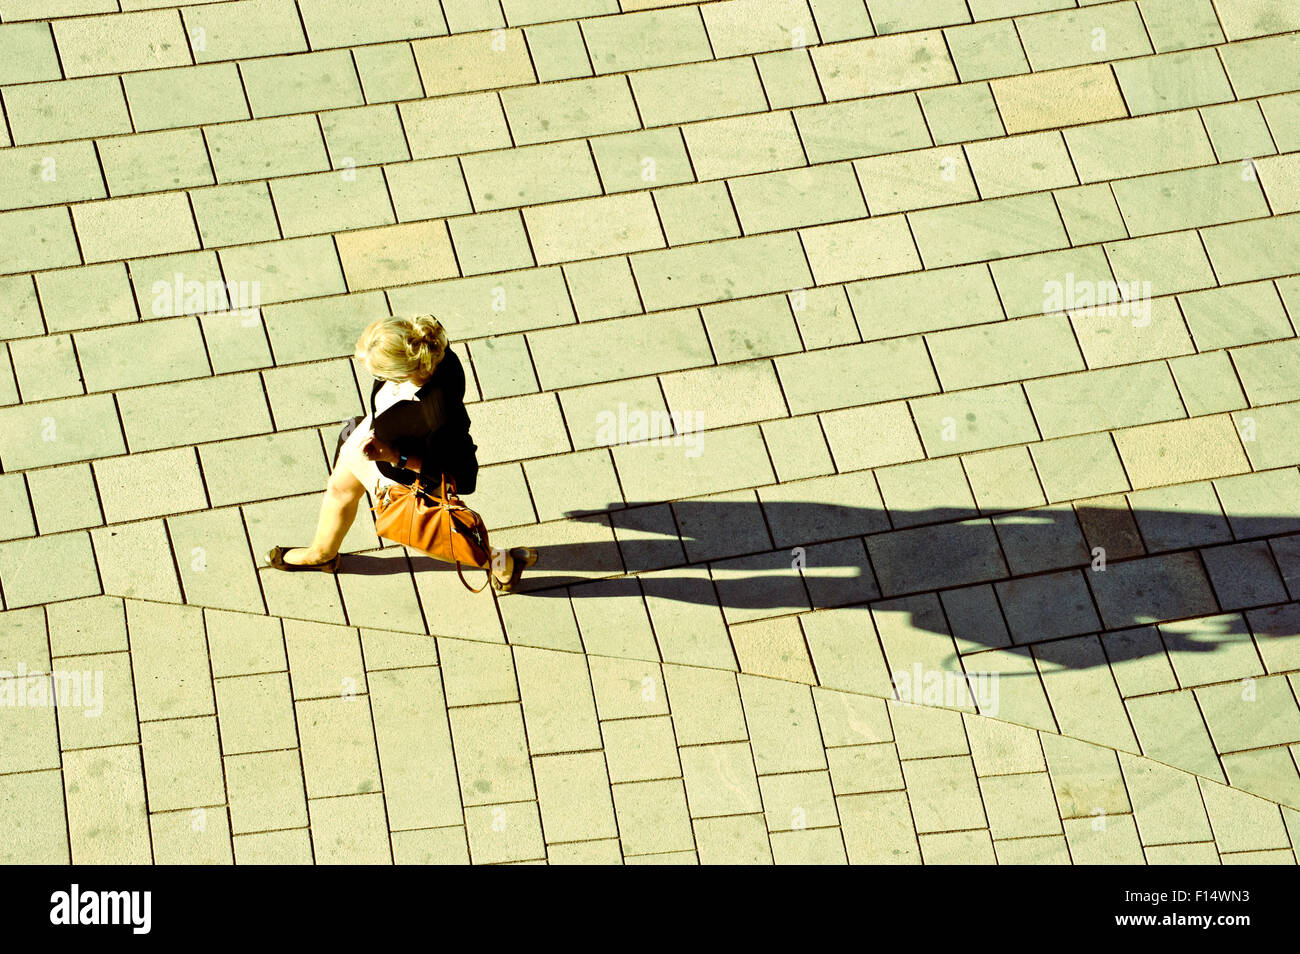 Donna che cammina sulla strada, proiettando una lunga ombra. Visto dal di sopra Immagini Stock